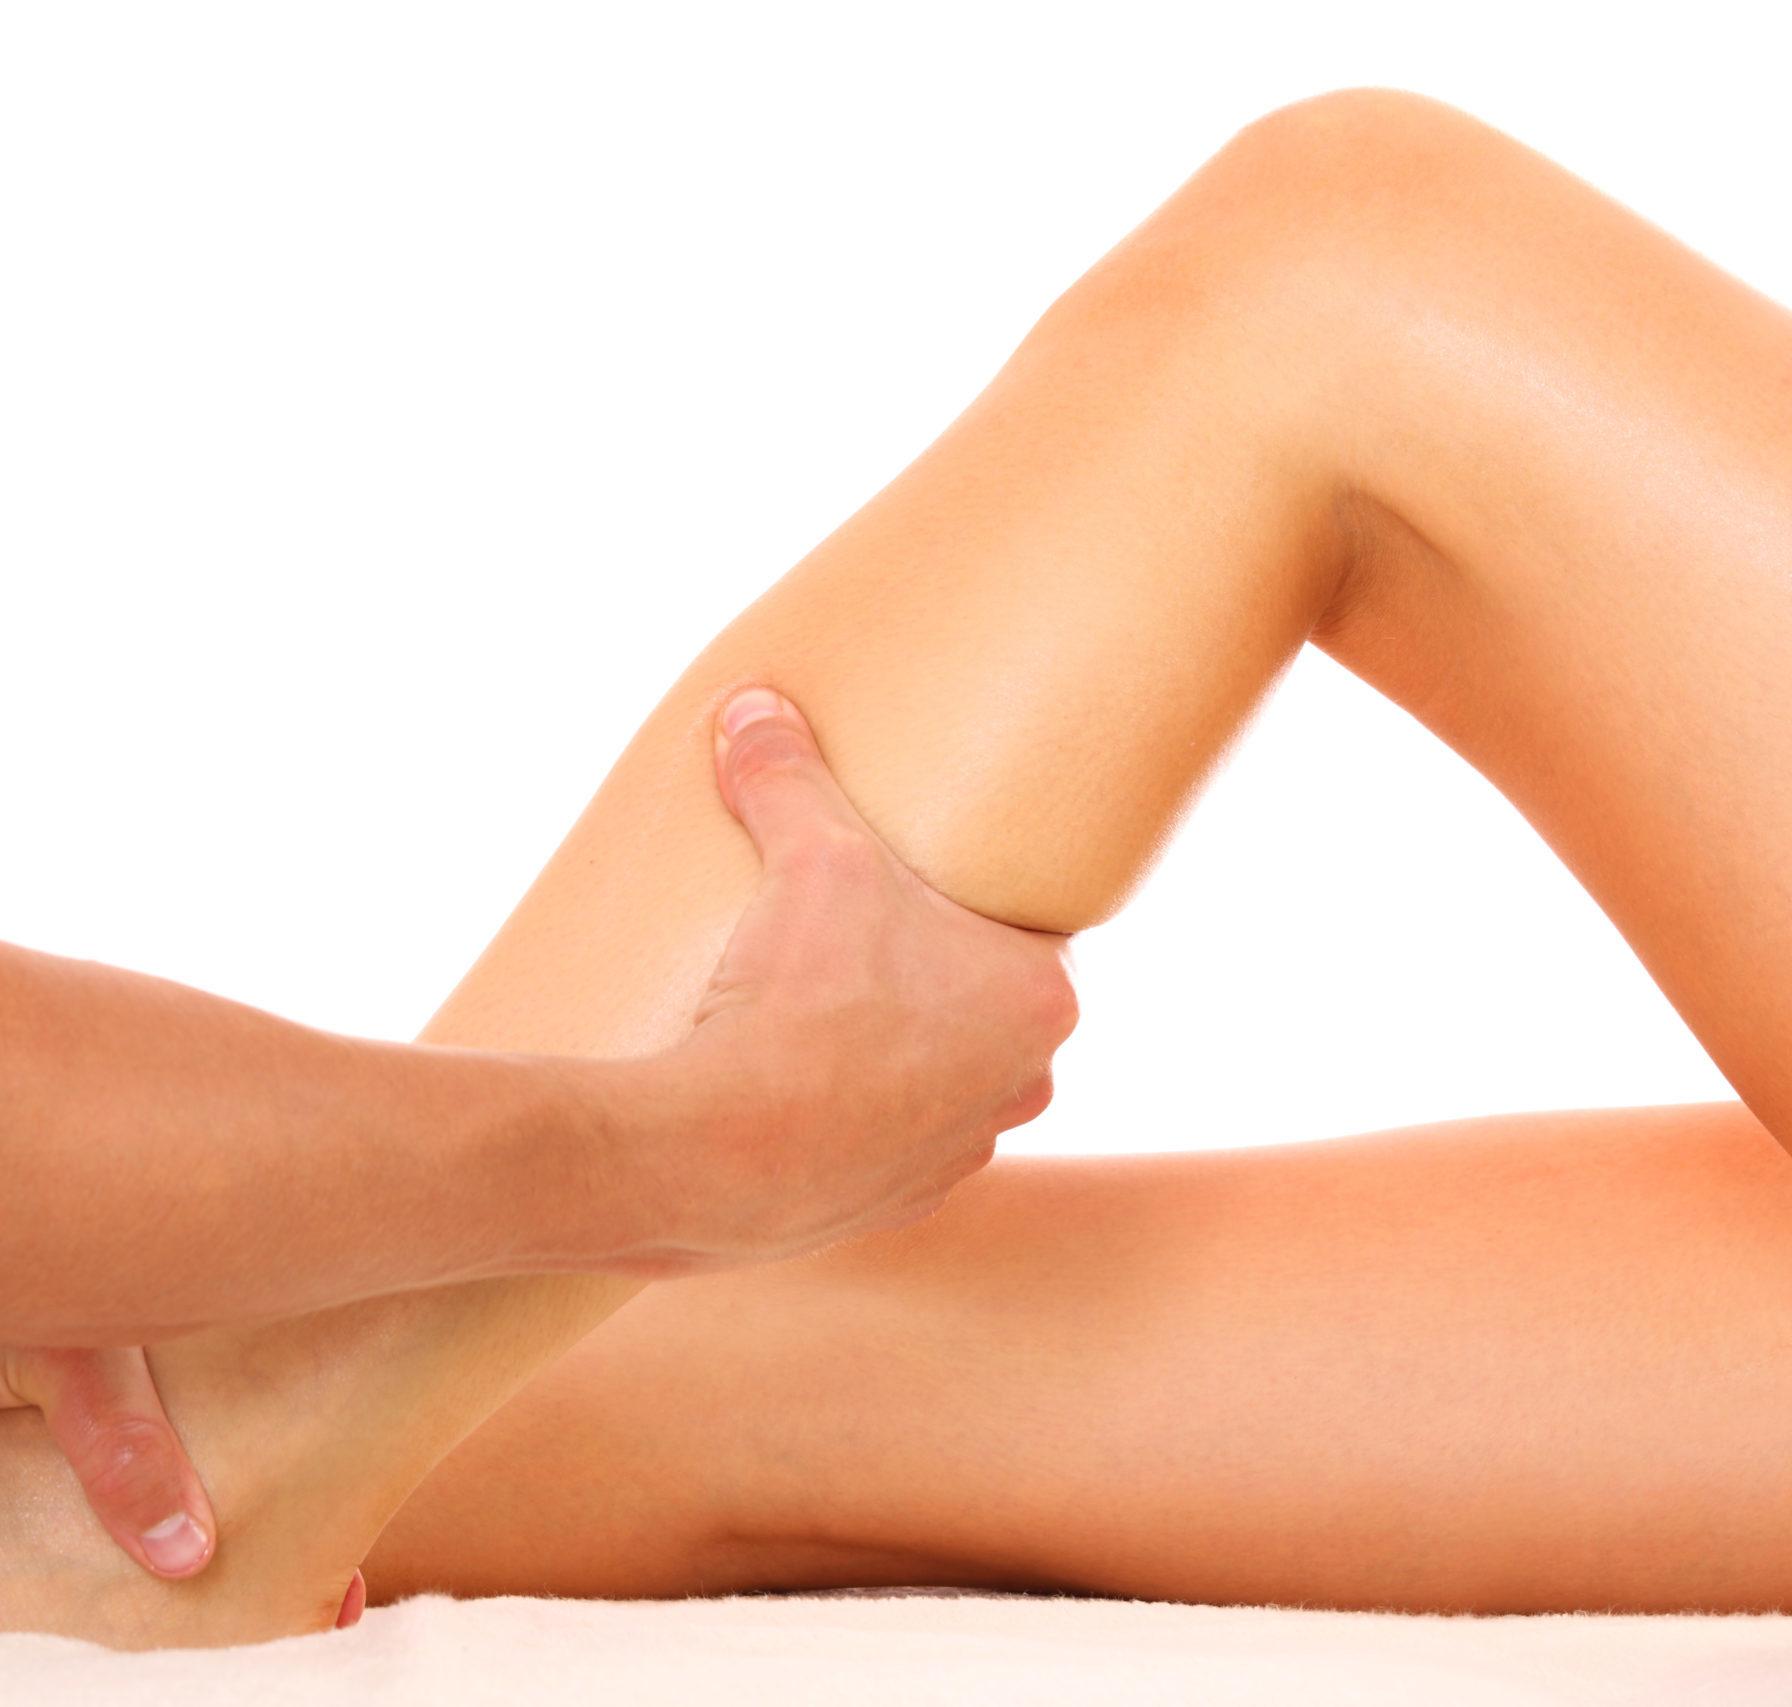 tratamentul leziunilor articulare de la vârf braț dureros în articulația umărului și dedesubt